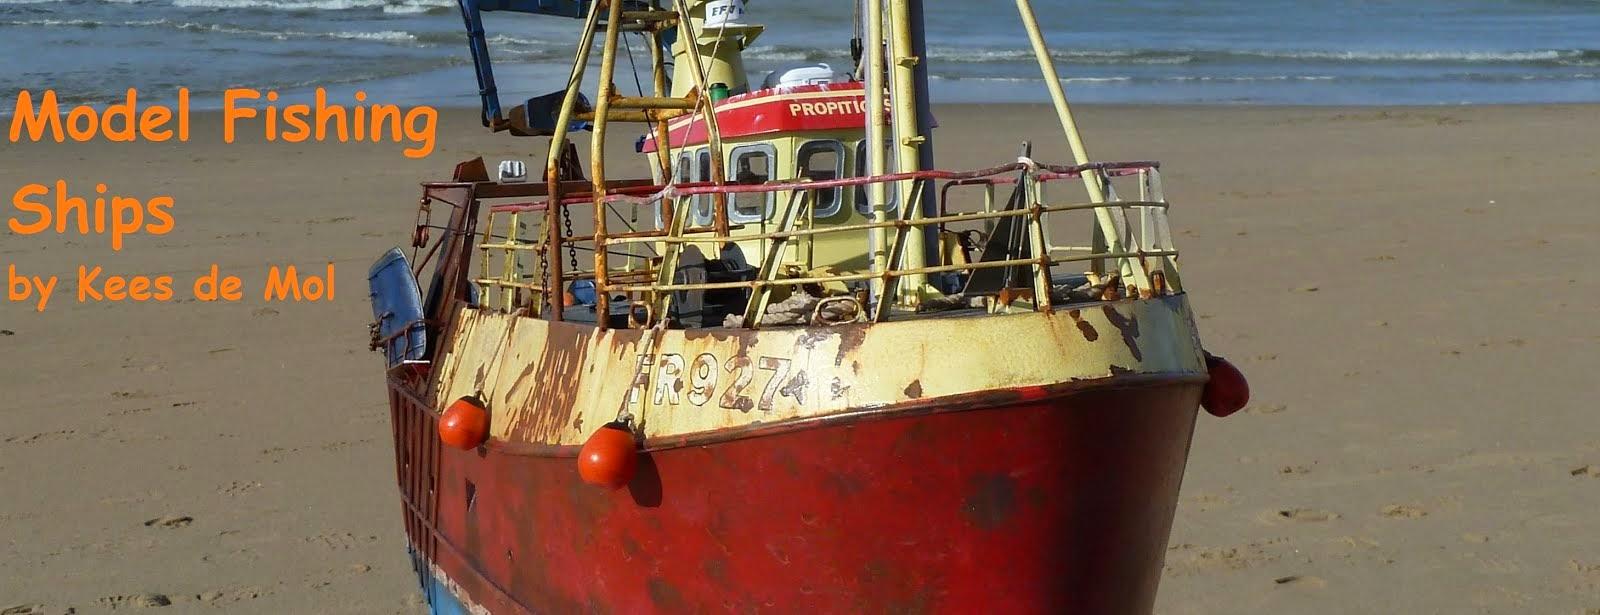 Model Fishing Ships